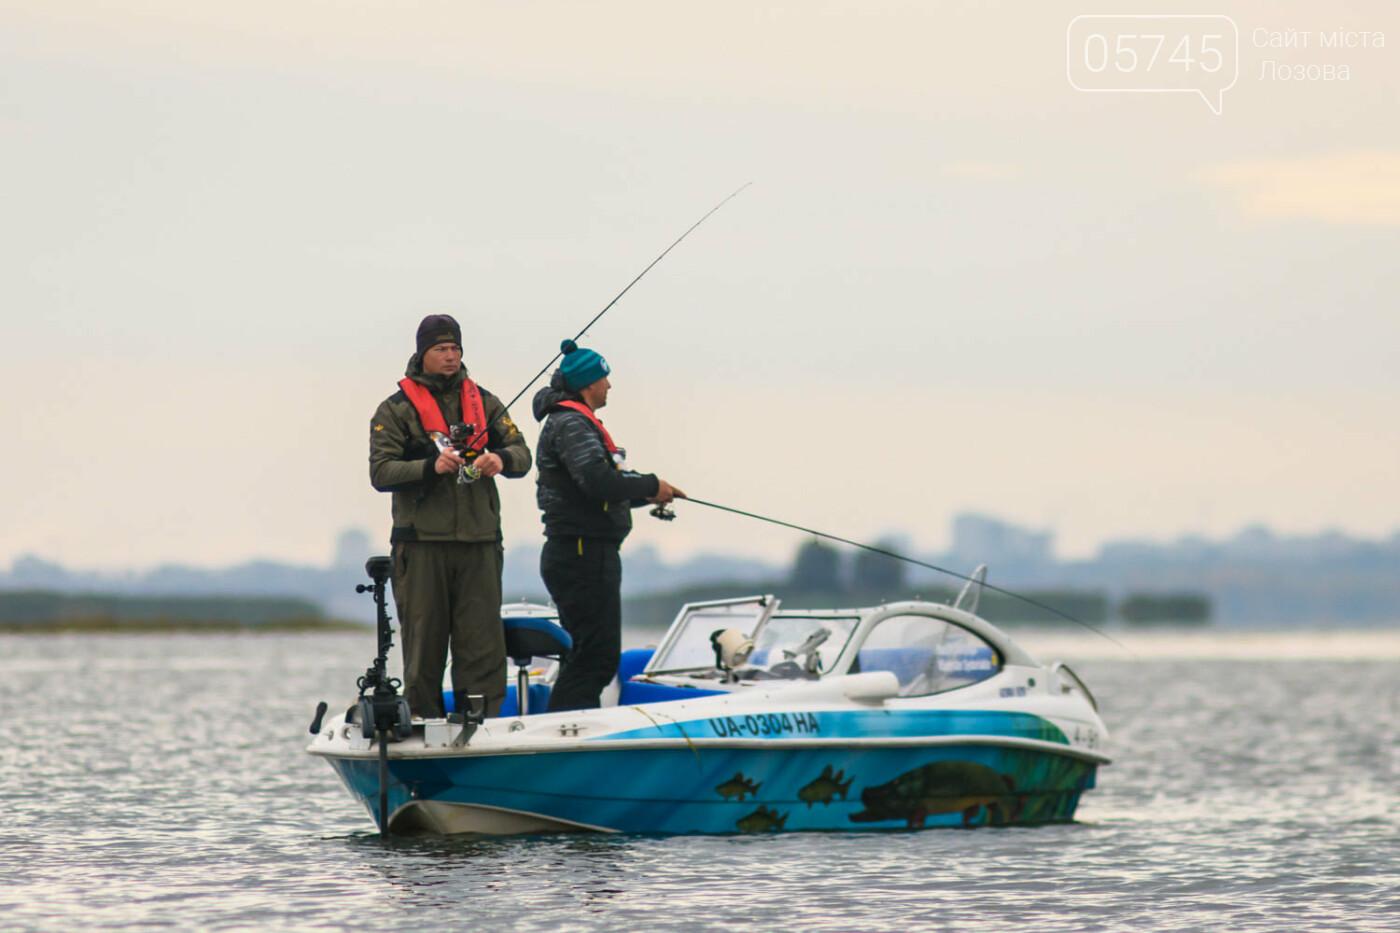 Рыболовы-спортсмены Лозовой заняли призовое место на Кубке Украины по ловле хищной рыбы, фото-10